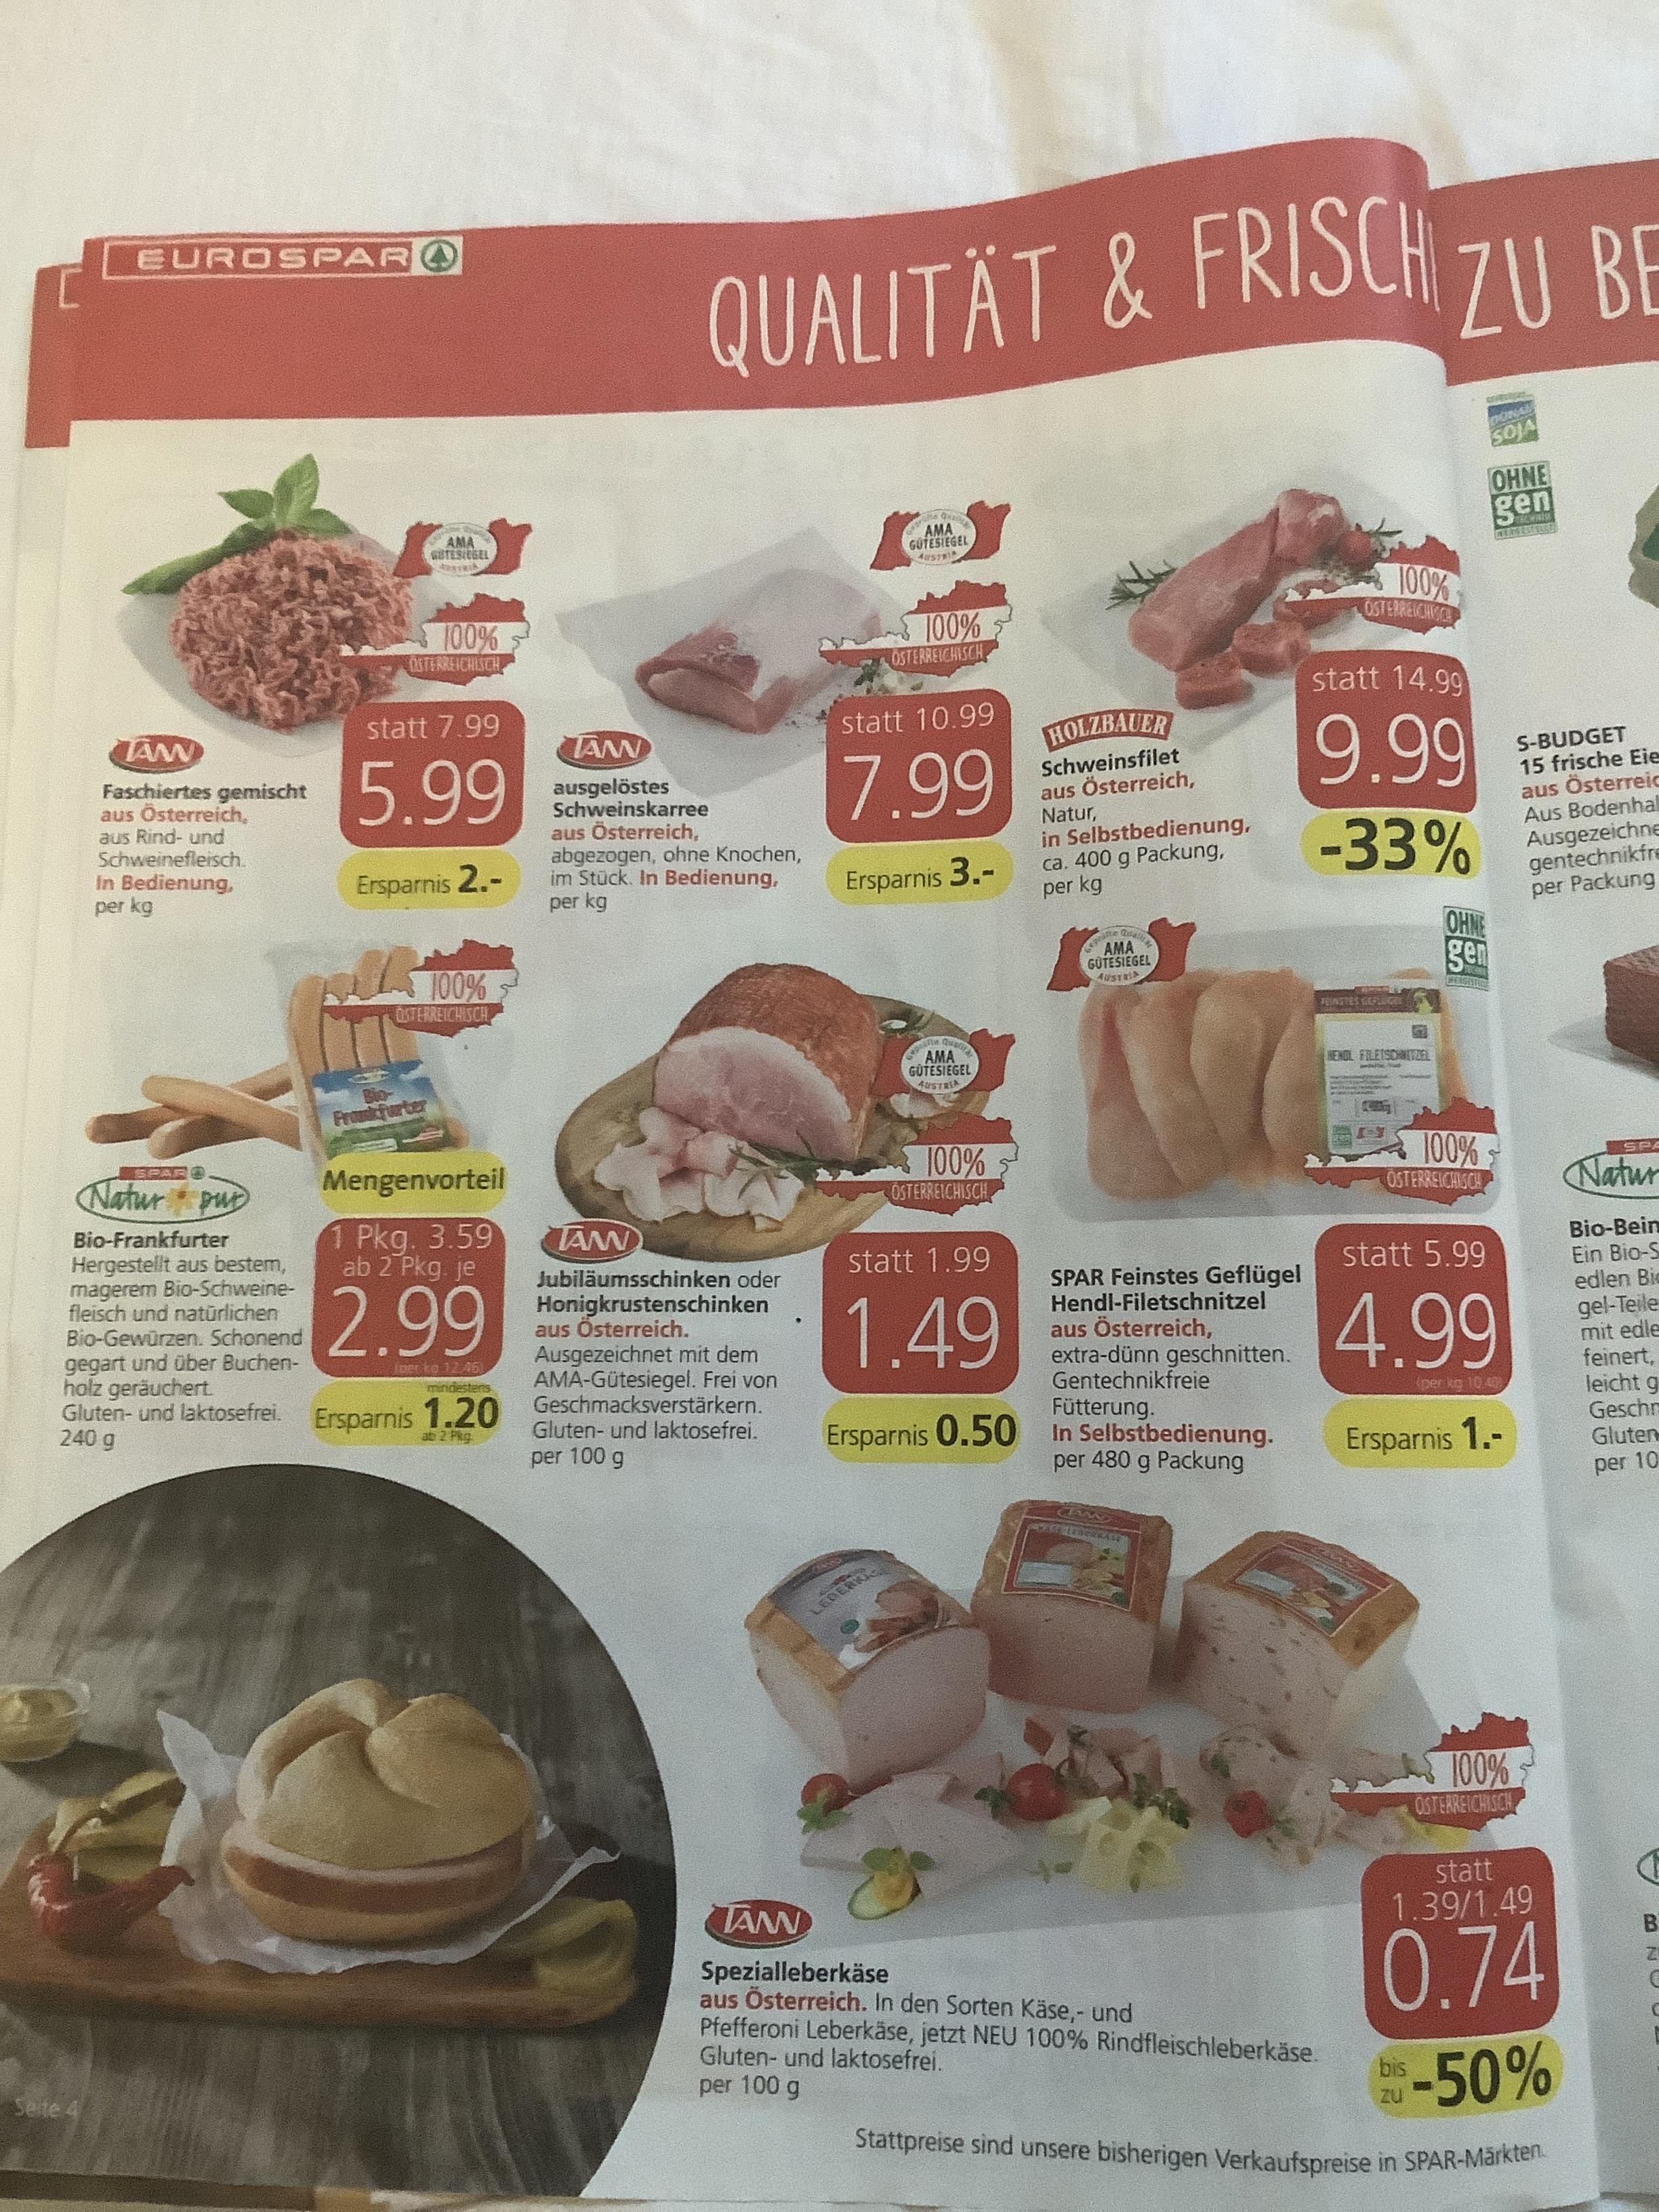 Spar Spezialleberkäse TOP Preis mit 25 % Pickerl